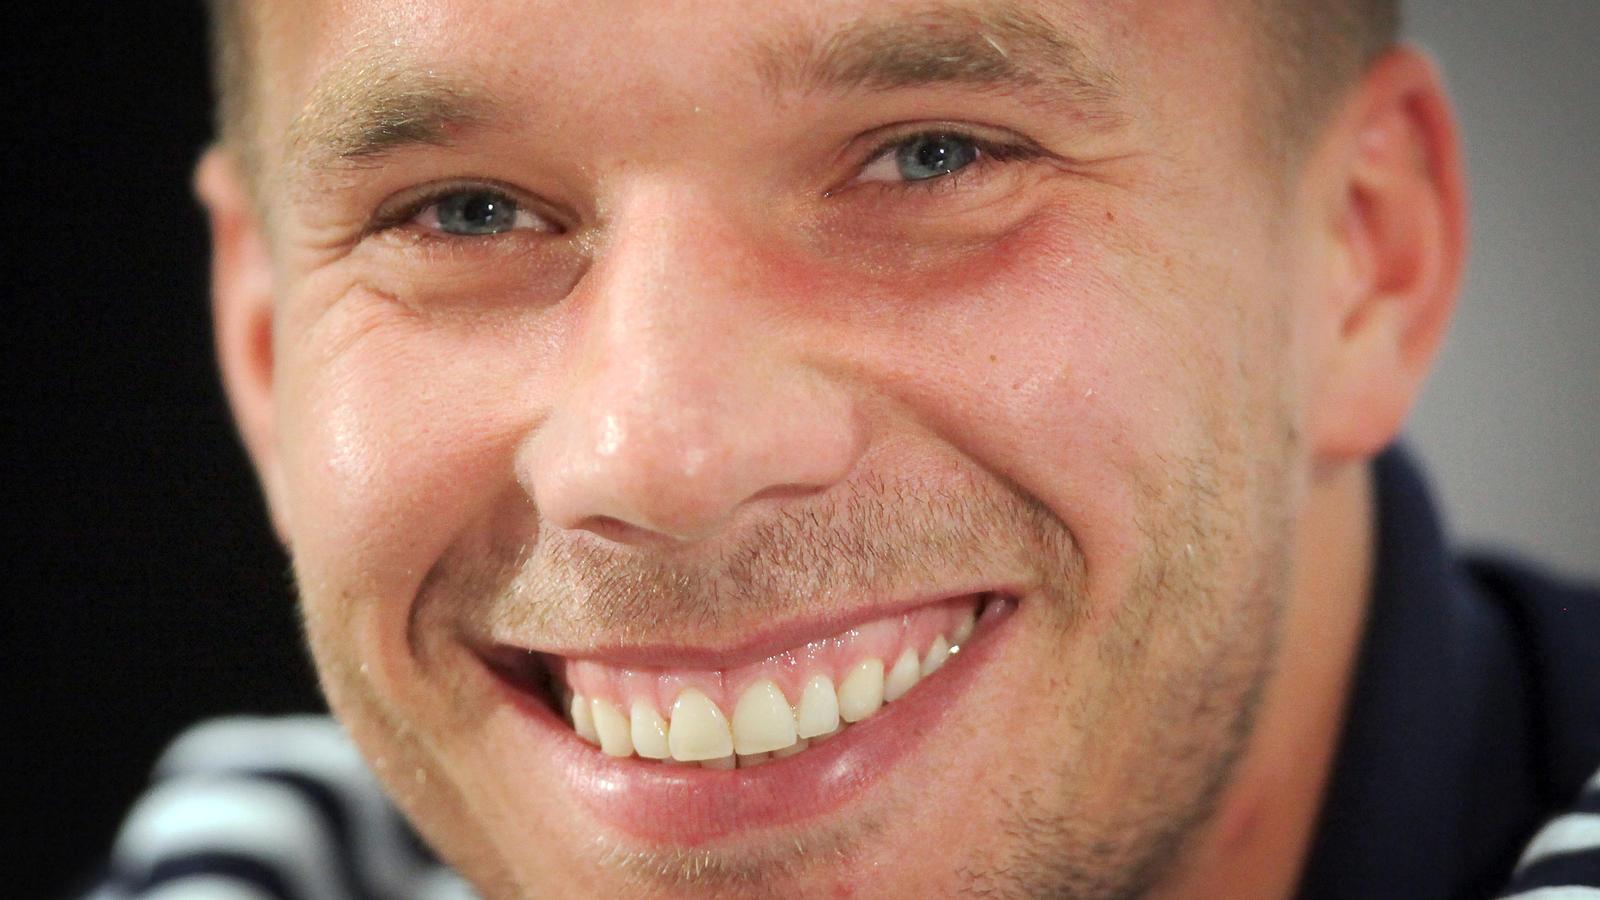 Lukas Podolski war trotz Abschieds beim DFB guter Laune